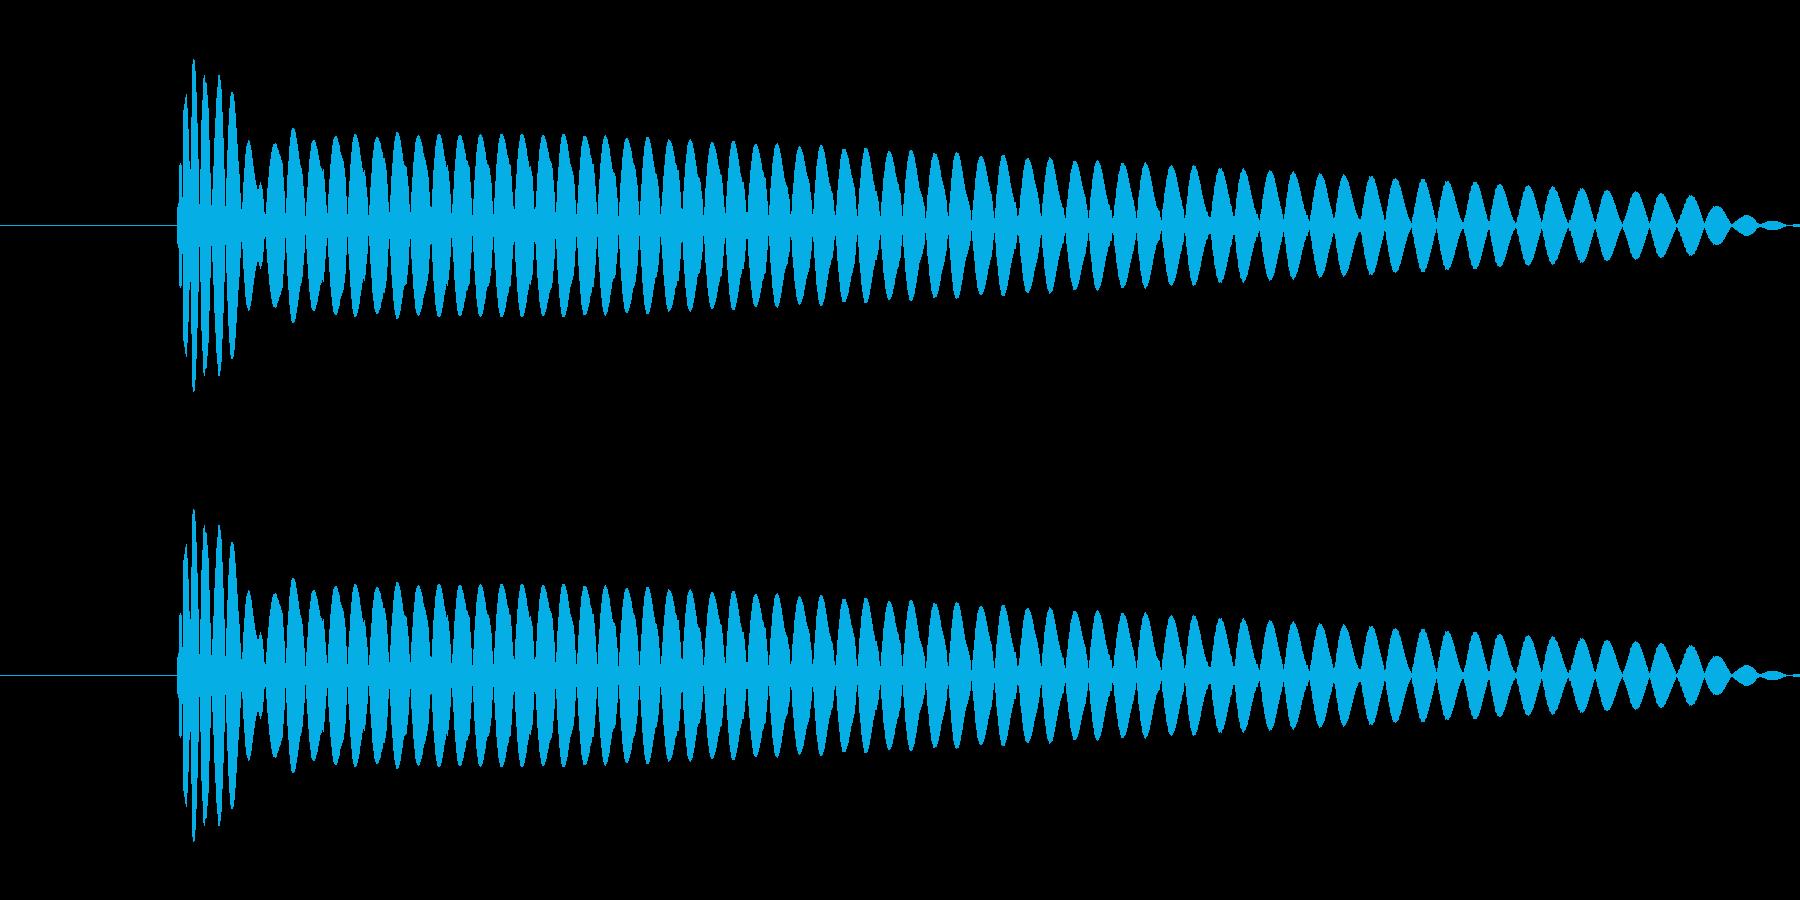 選択不可音1の再生済みの波形